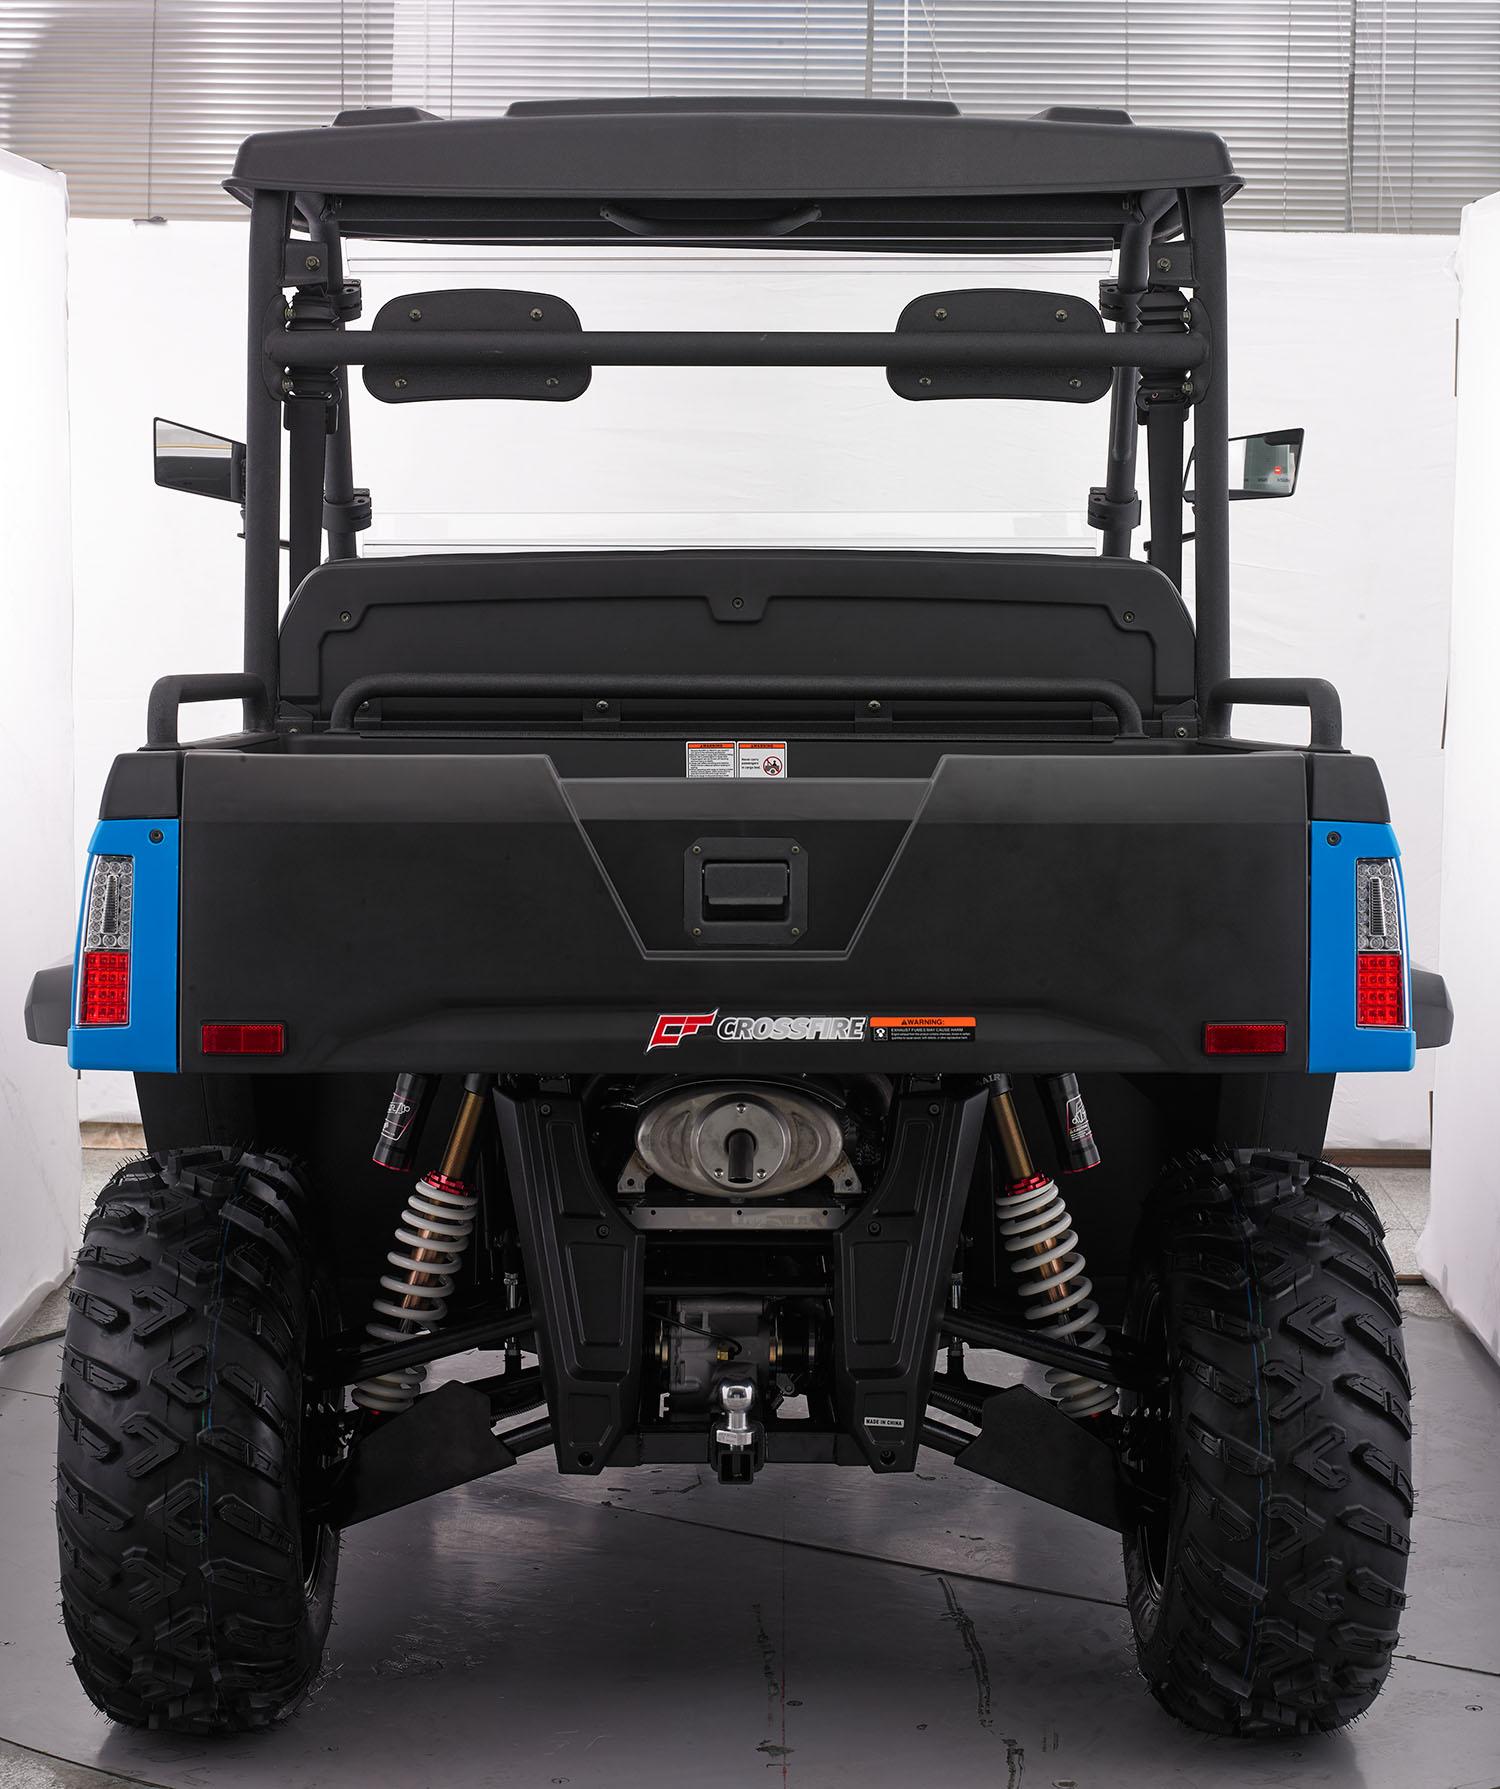 crossfire-800gts-atv-blue-back-rear-tray-3